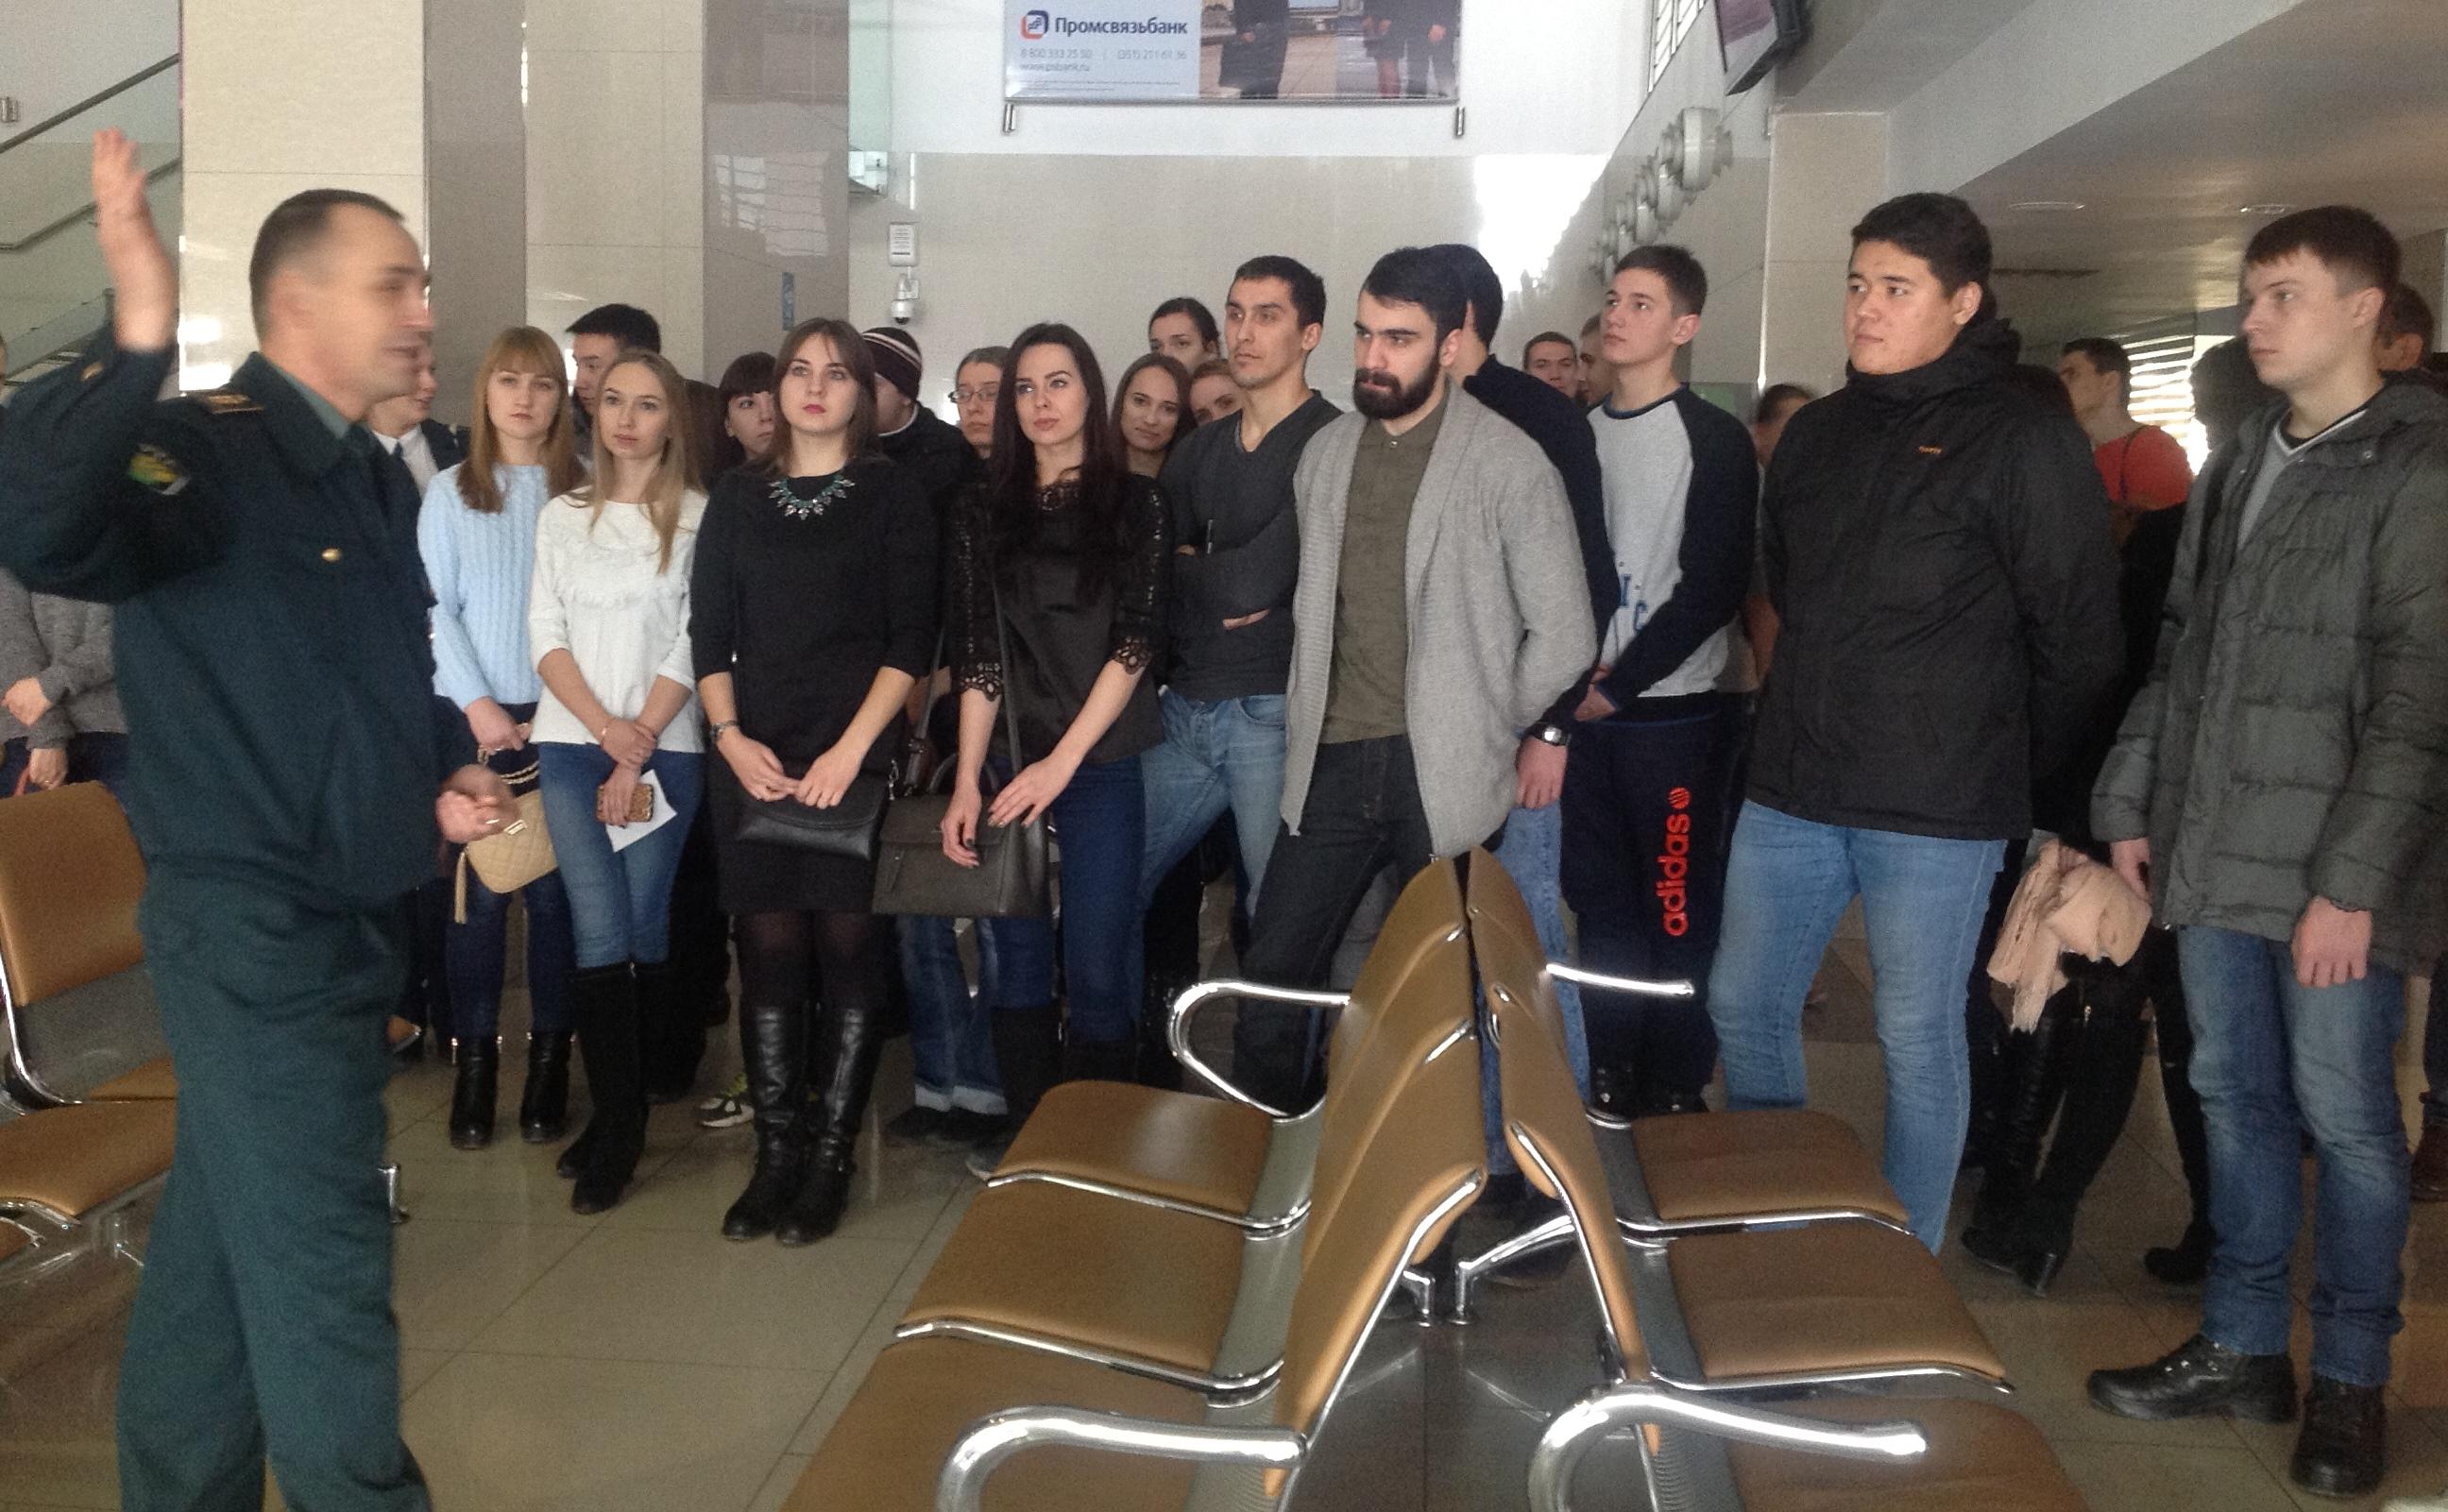 Студенты кафедры «Таможенное дело» с будущей работой на таможенном посту «Аэропорт Баландино» Челябинской таможни